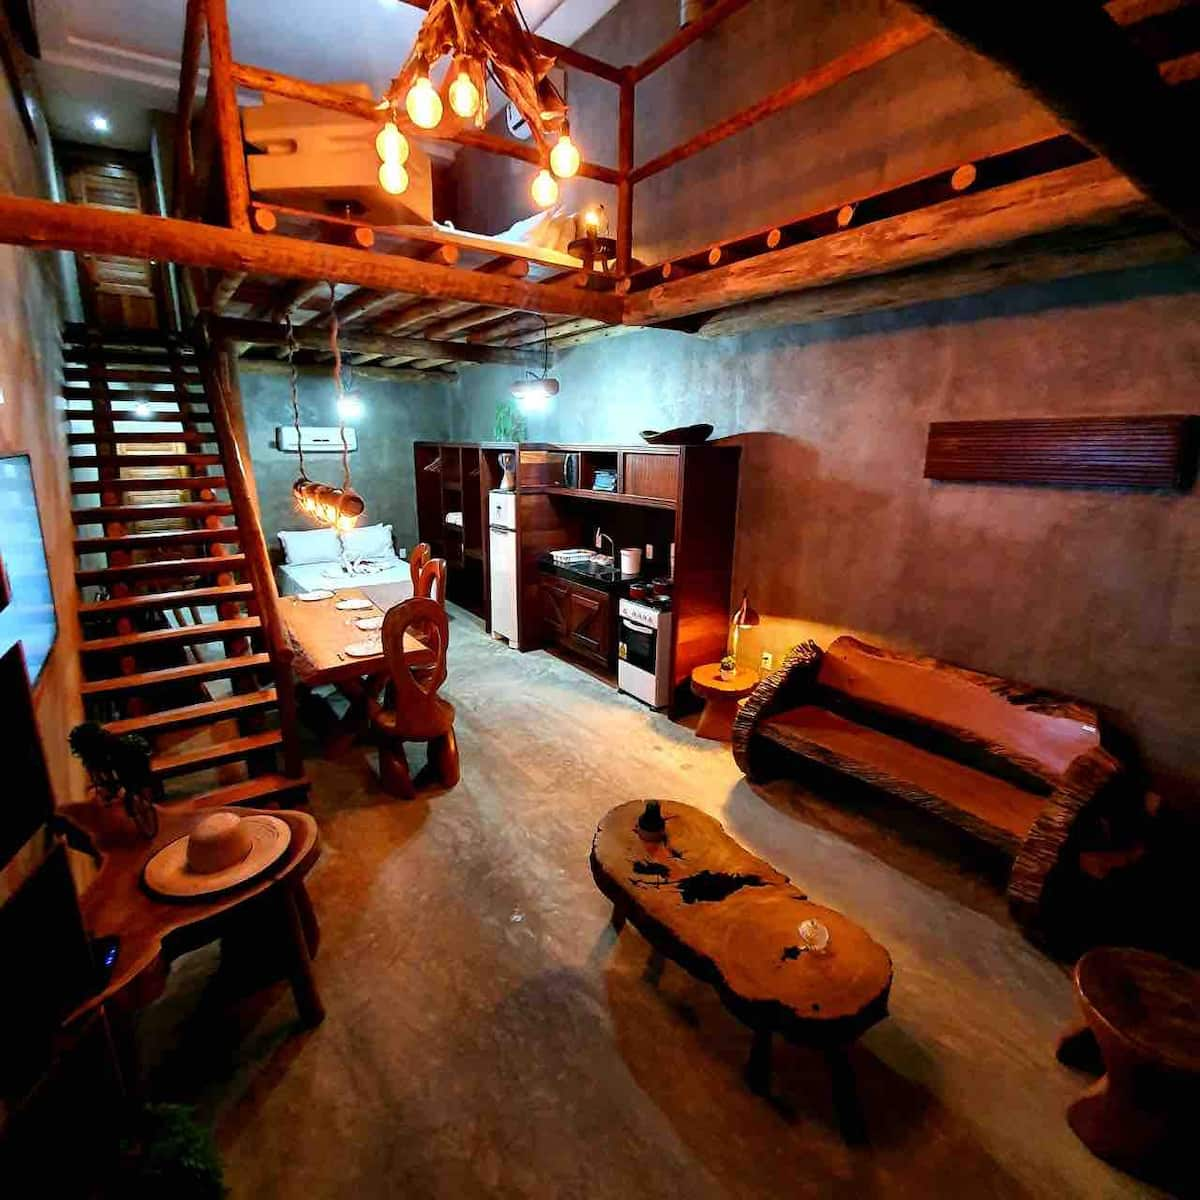 243b90fe 3b81 474f 9466 2aa0270cf129 - Airbnb em Jericoacoara: 10 ideias de casas de temporada para se hospedar